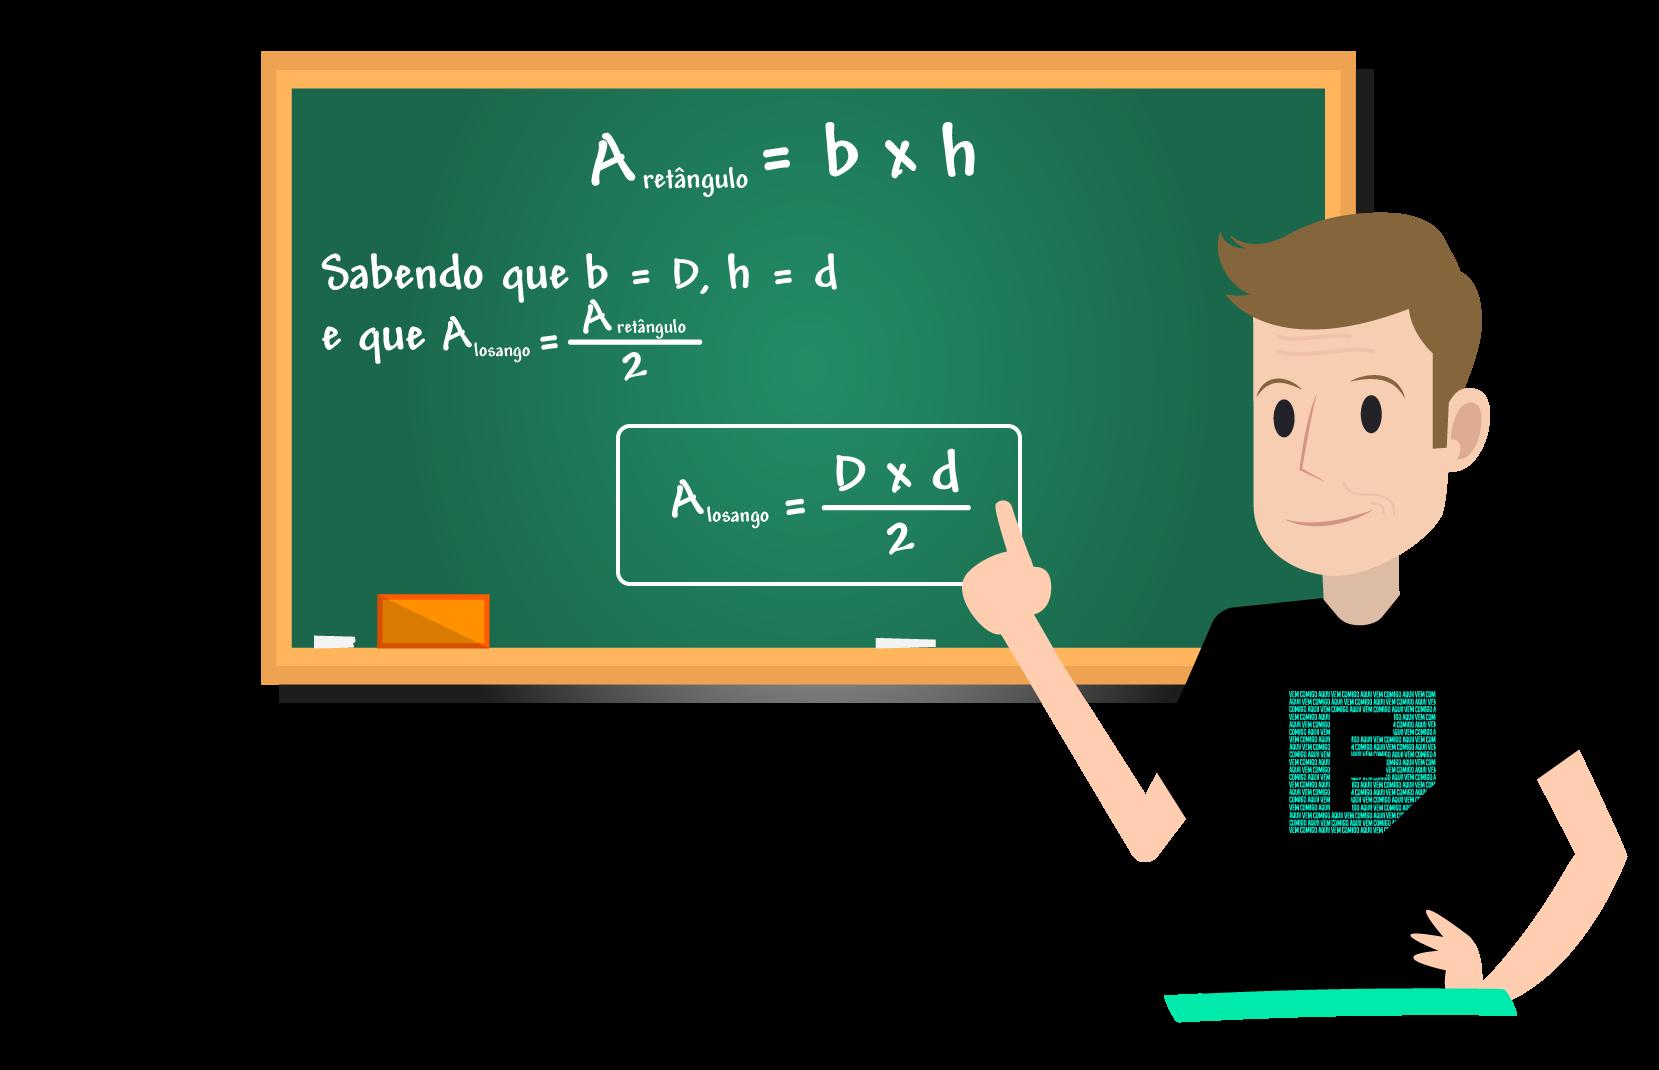 Ferretto mostra a fórmula da área do losango no quadro negro